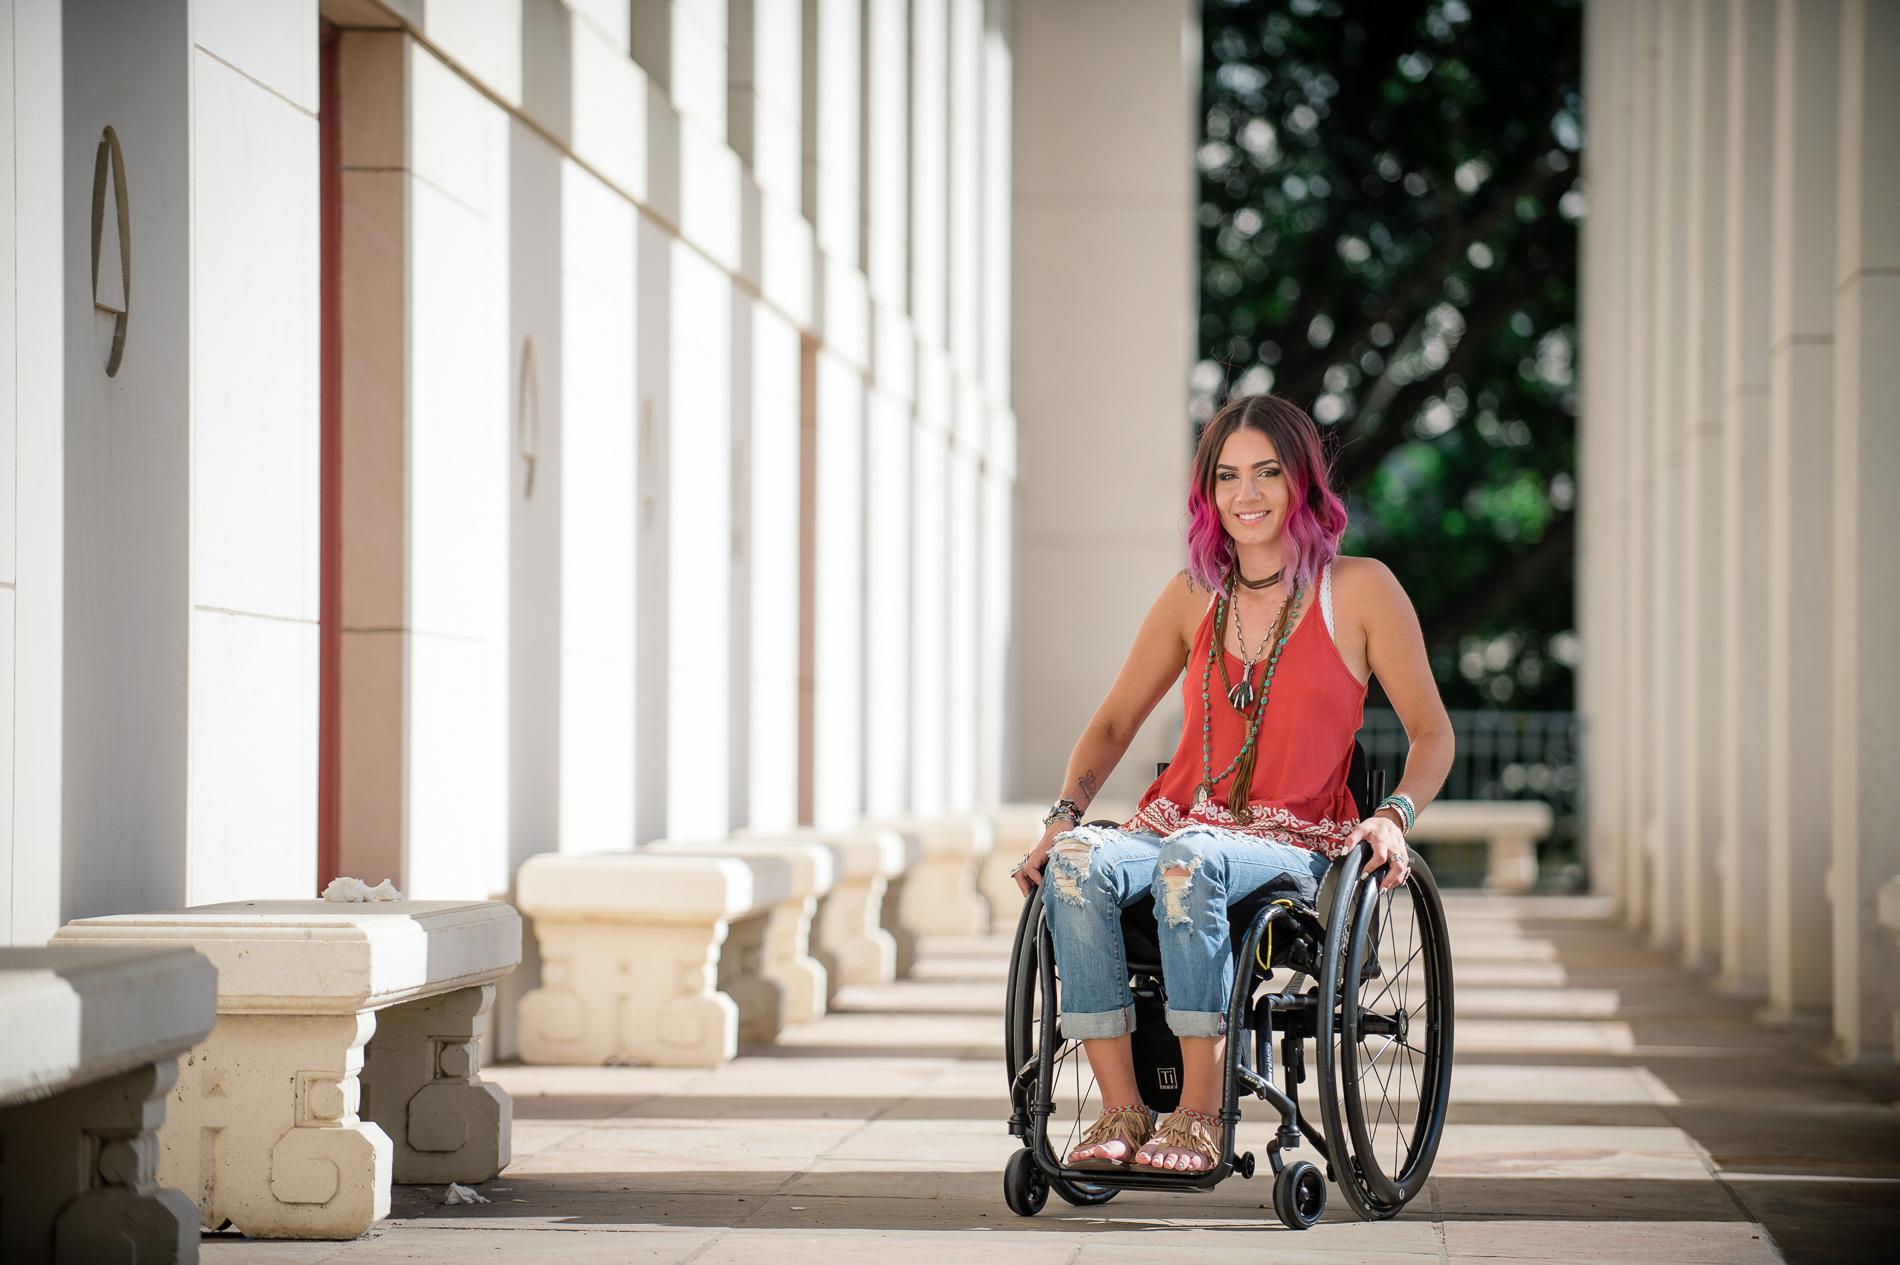 Portrait in a Wheelchair